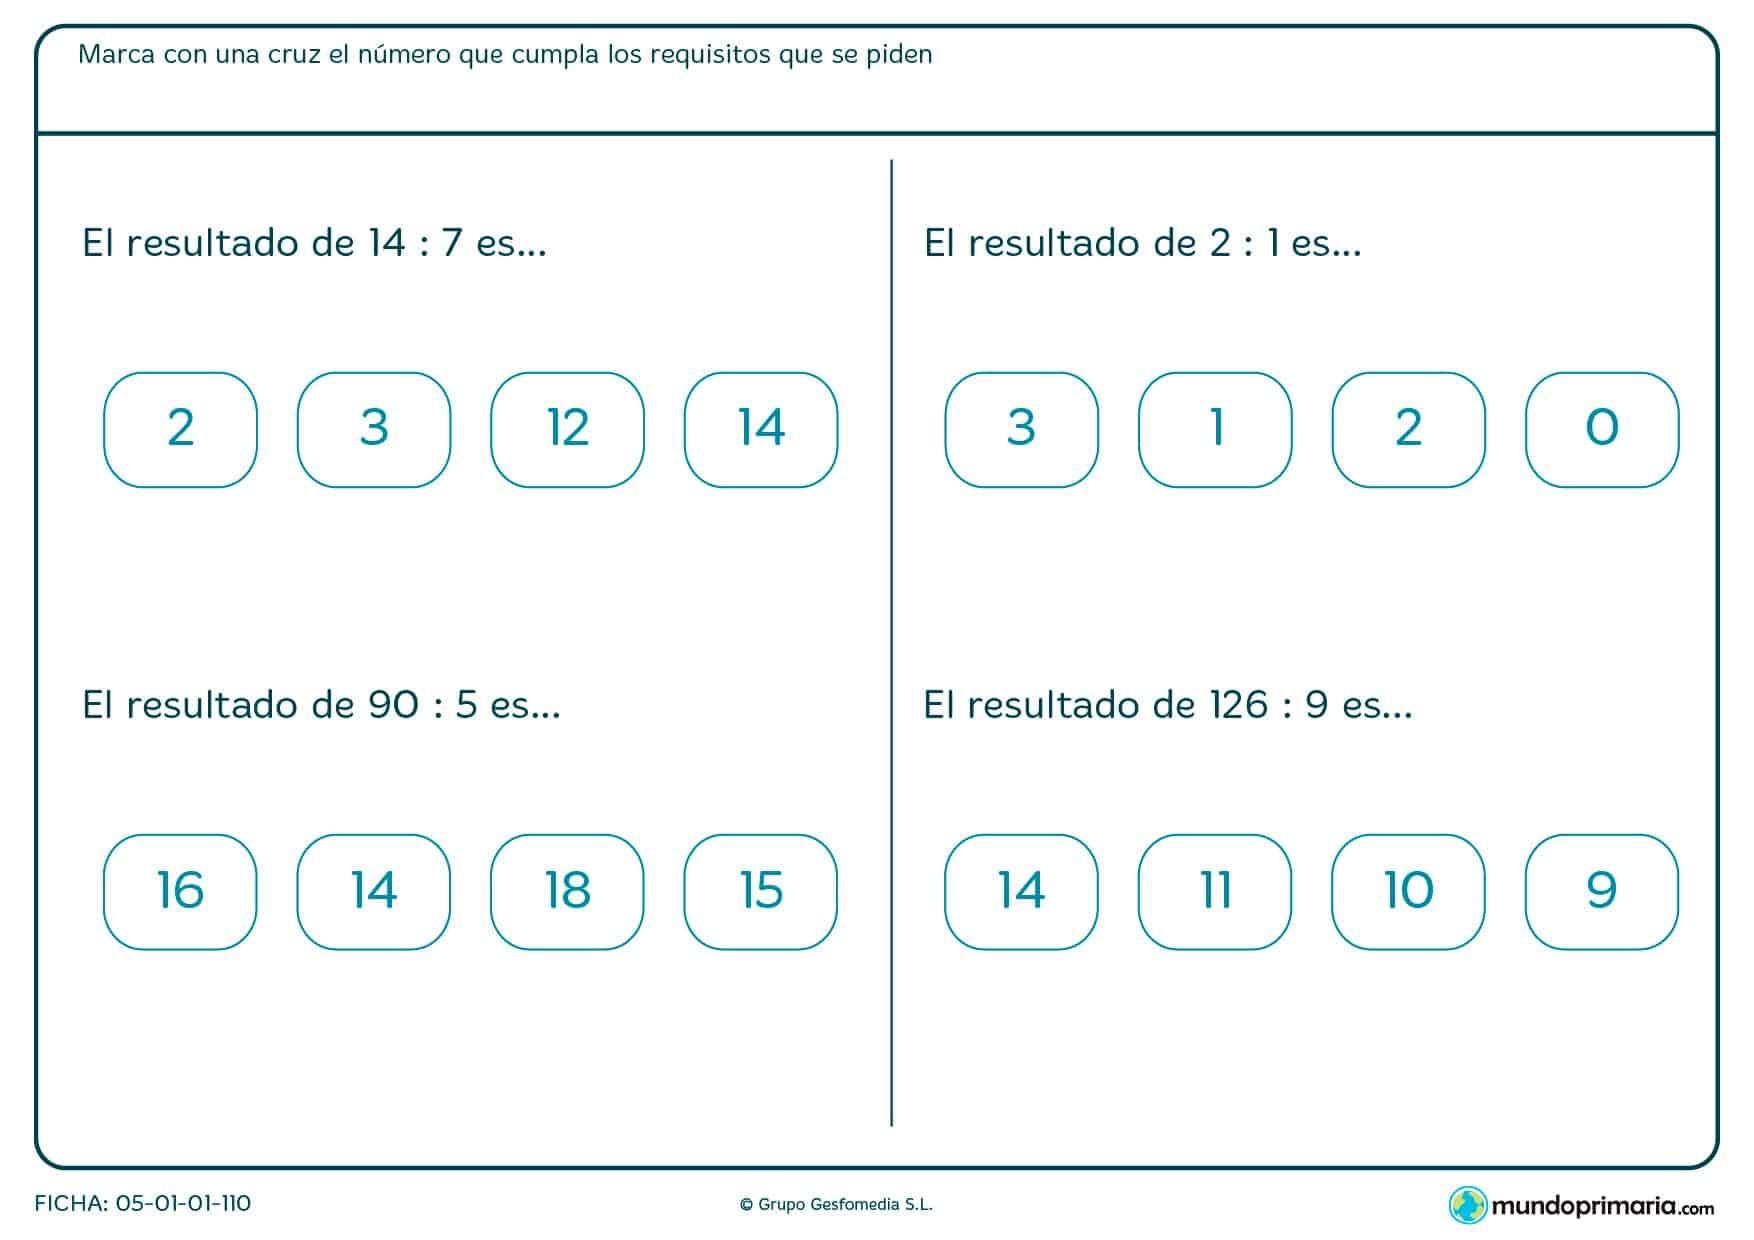 El objetivo es marcar con una cruz el cociente de las divisiones que se especifican en la ficha de matemáticas.